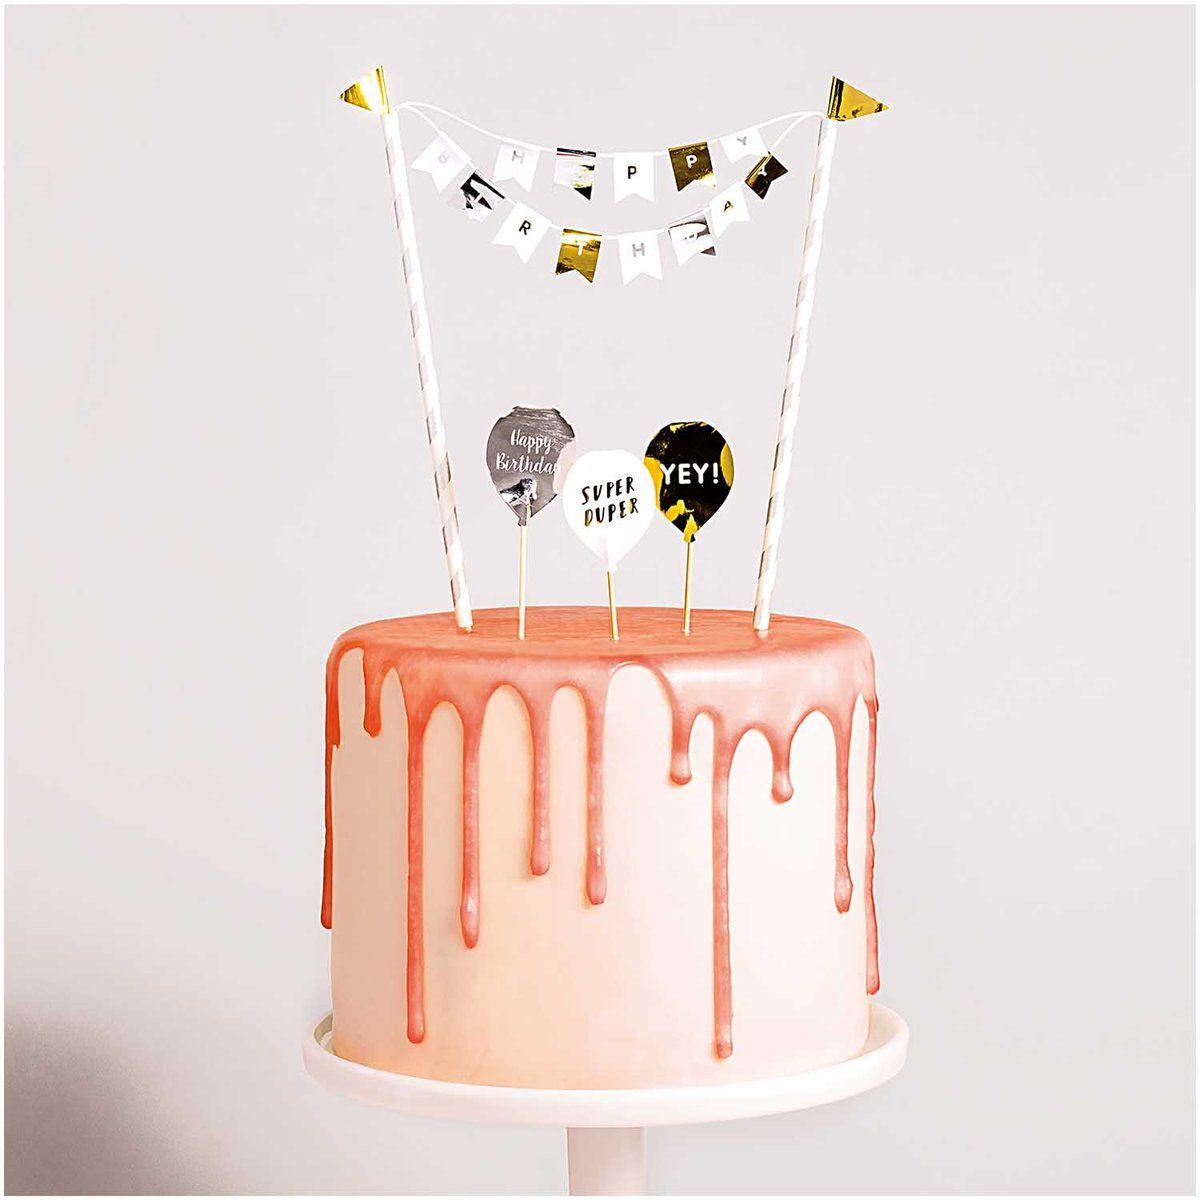 kit de cake design Happy Birthday Cake Topper Kit  Happy birthday cake topper